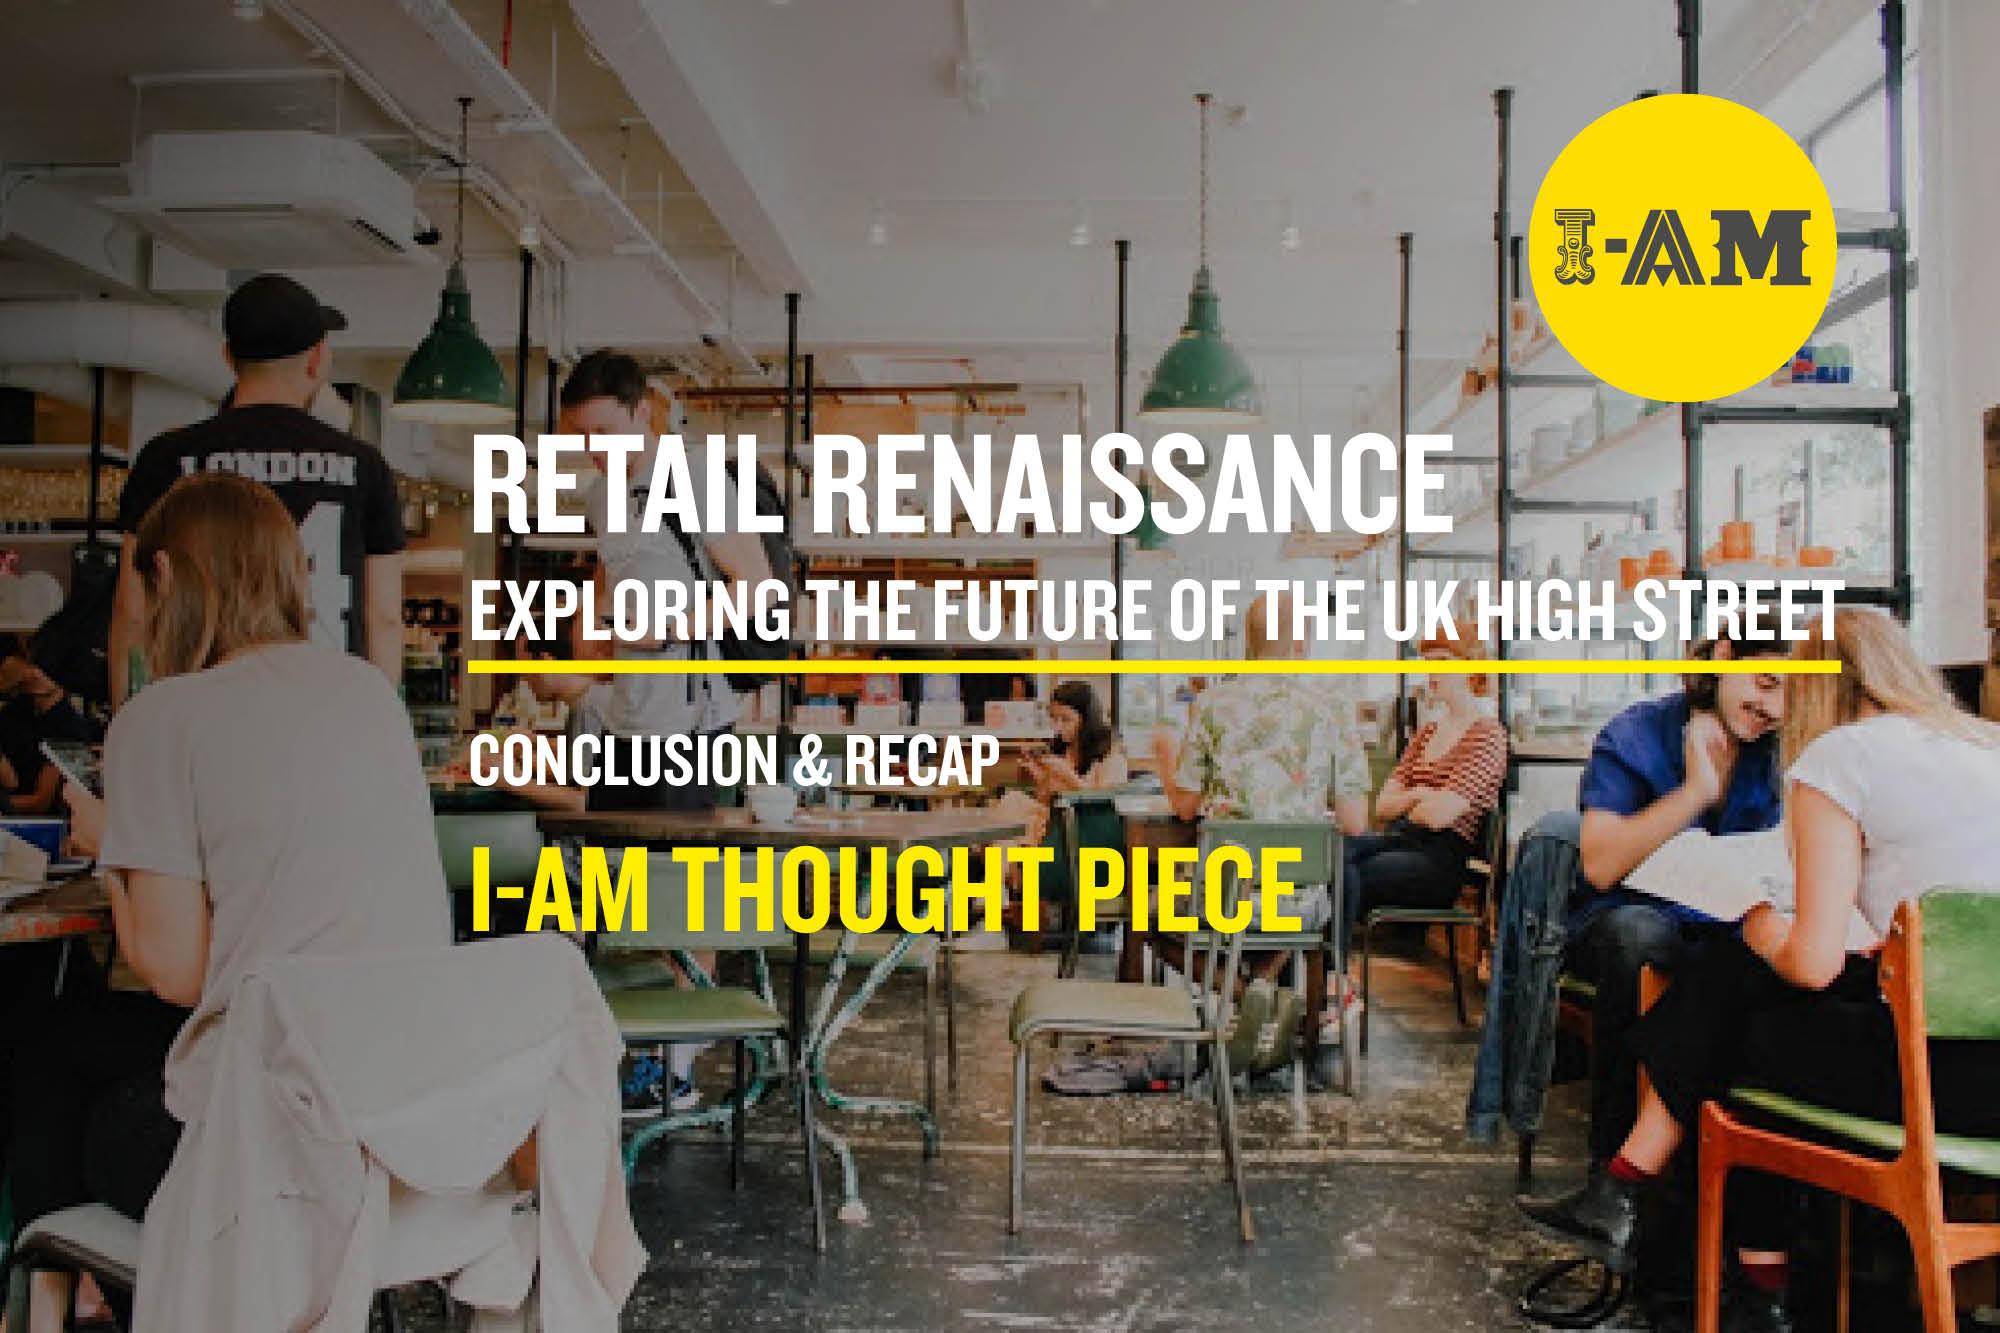 retail renaissance_FEATURED IMAGE CONCLUSION